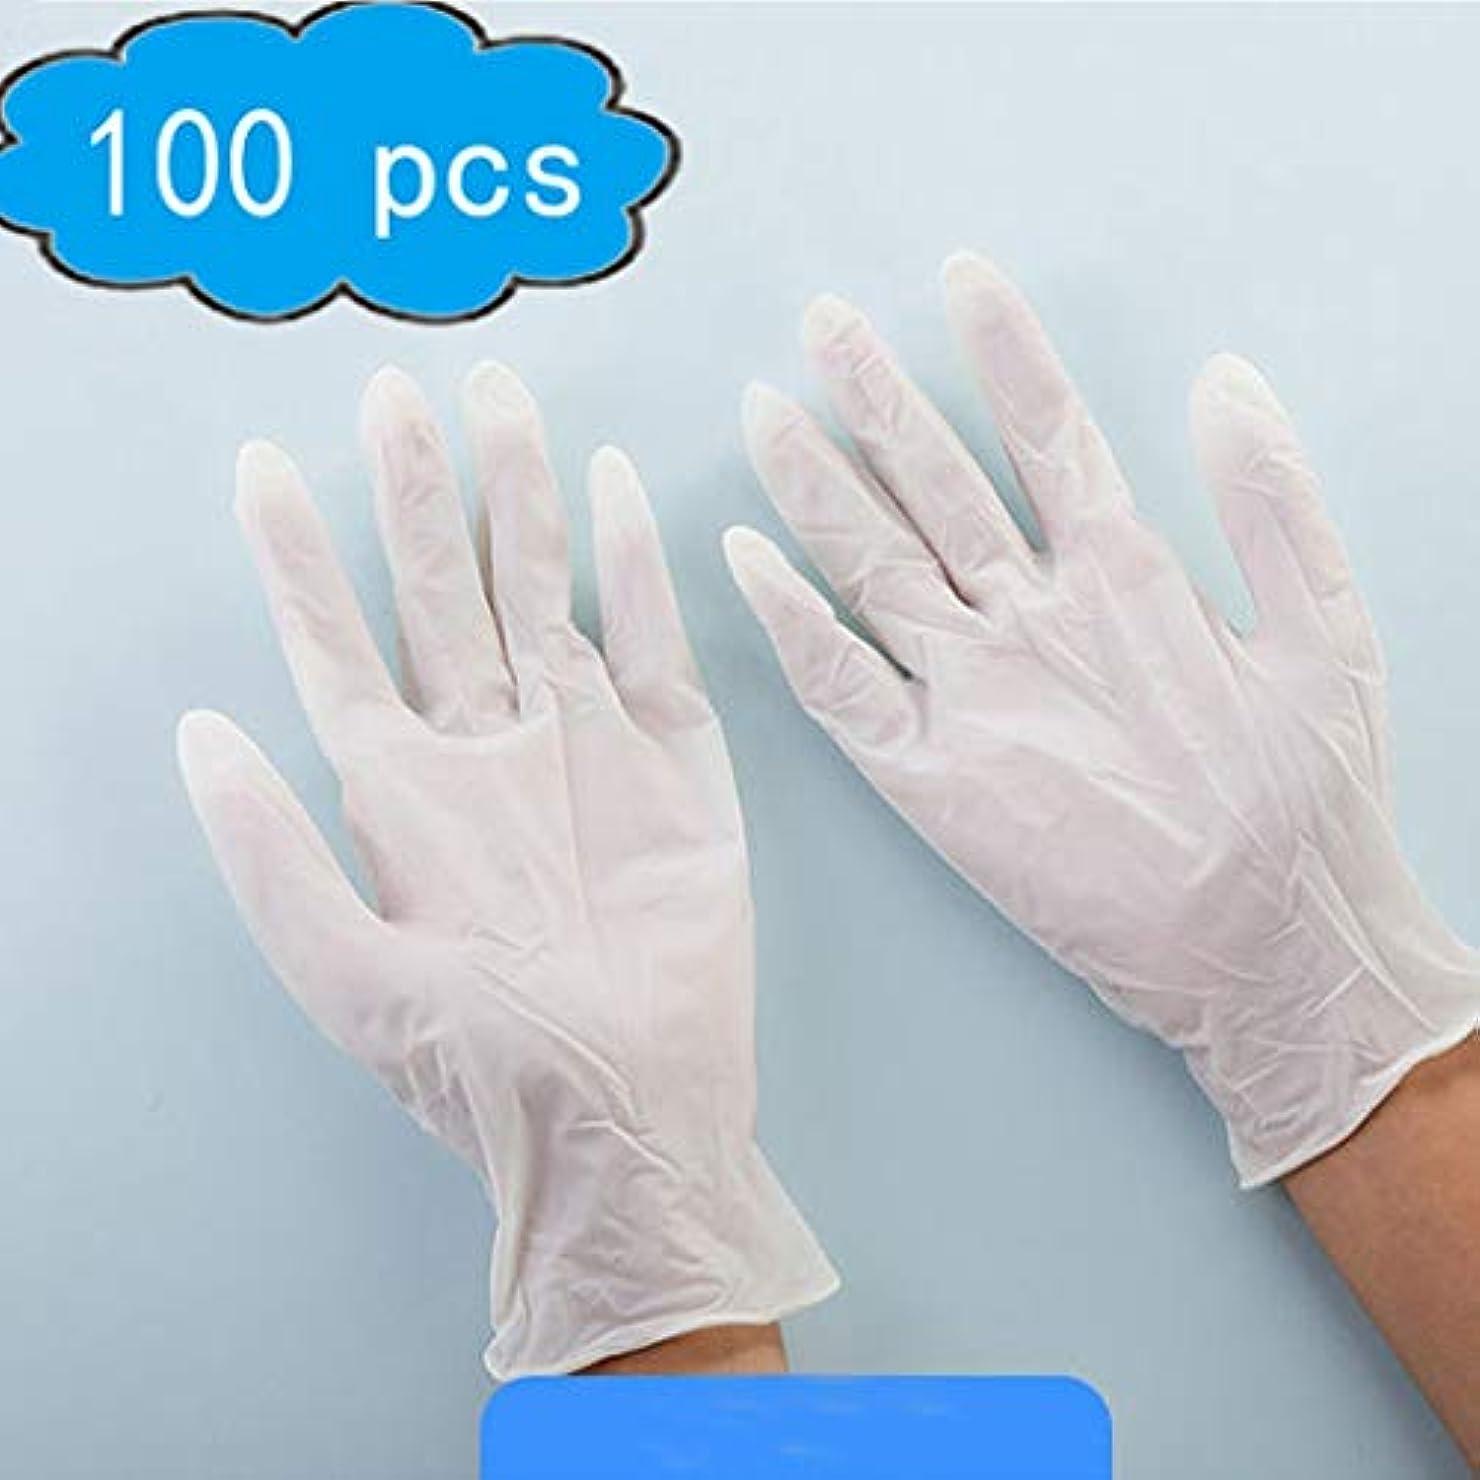 ミリメートル不正直残高使い捨て手袋、厚手版、白い粉のない使い捨てニトリル手袋[100パック] - 大、サニタリー手袋、応急処置用品 (Color : White, Size : S)